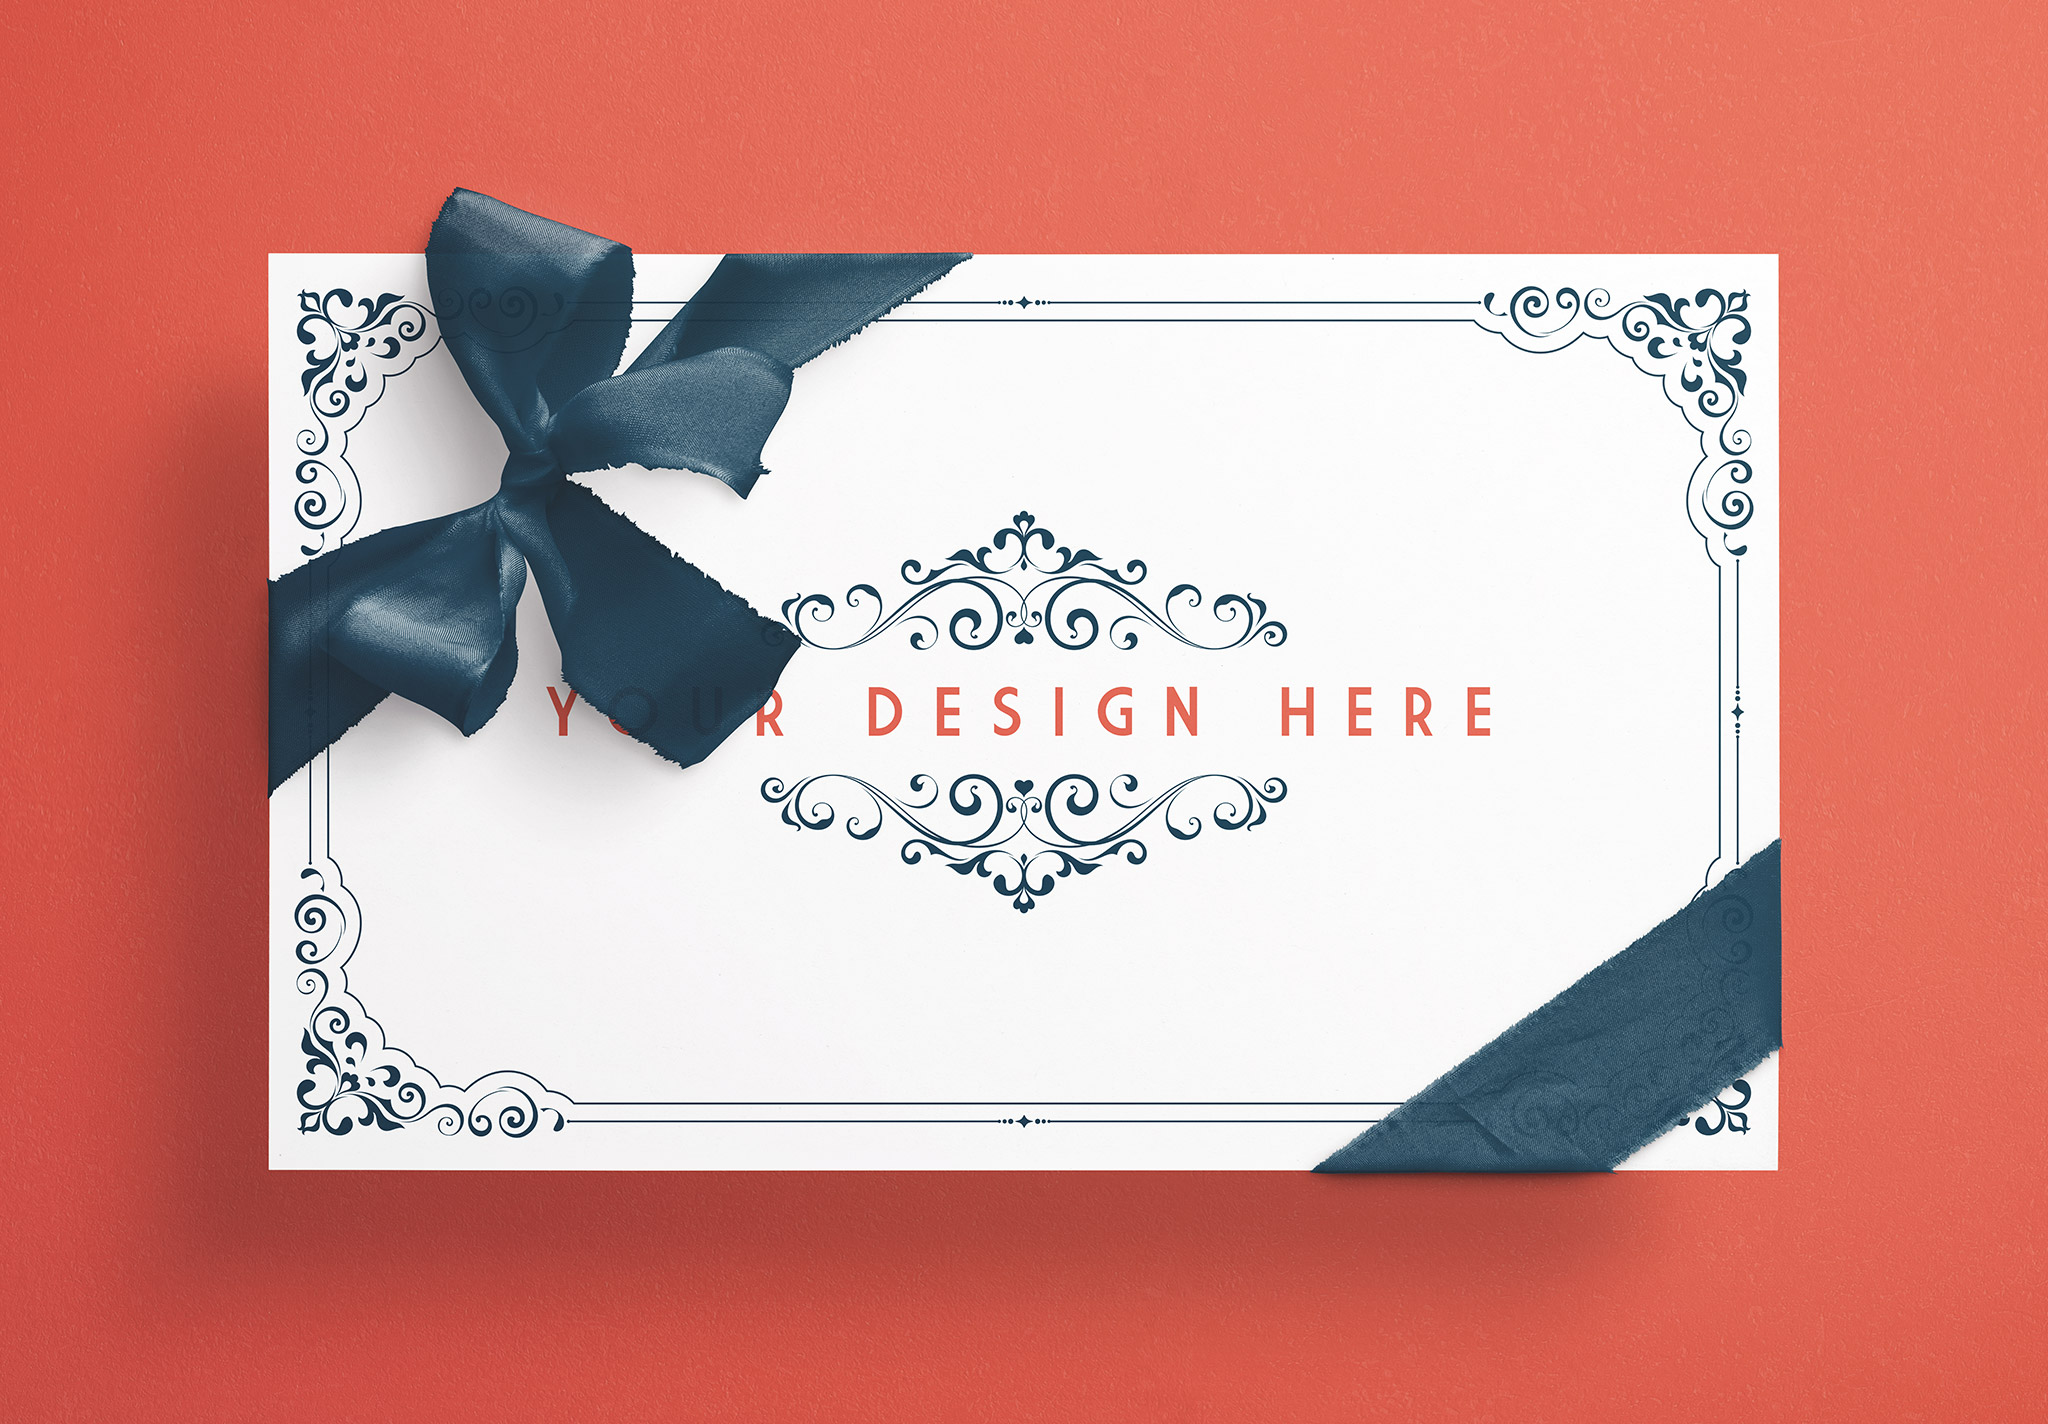 Card With Ribbons Mockup 7 image03